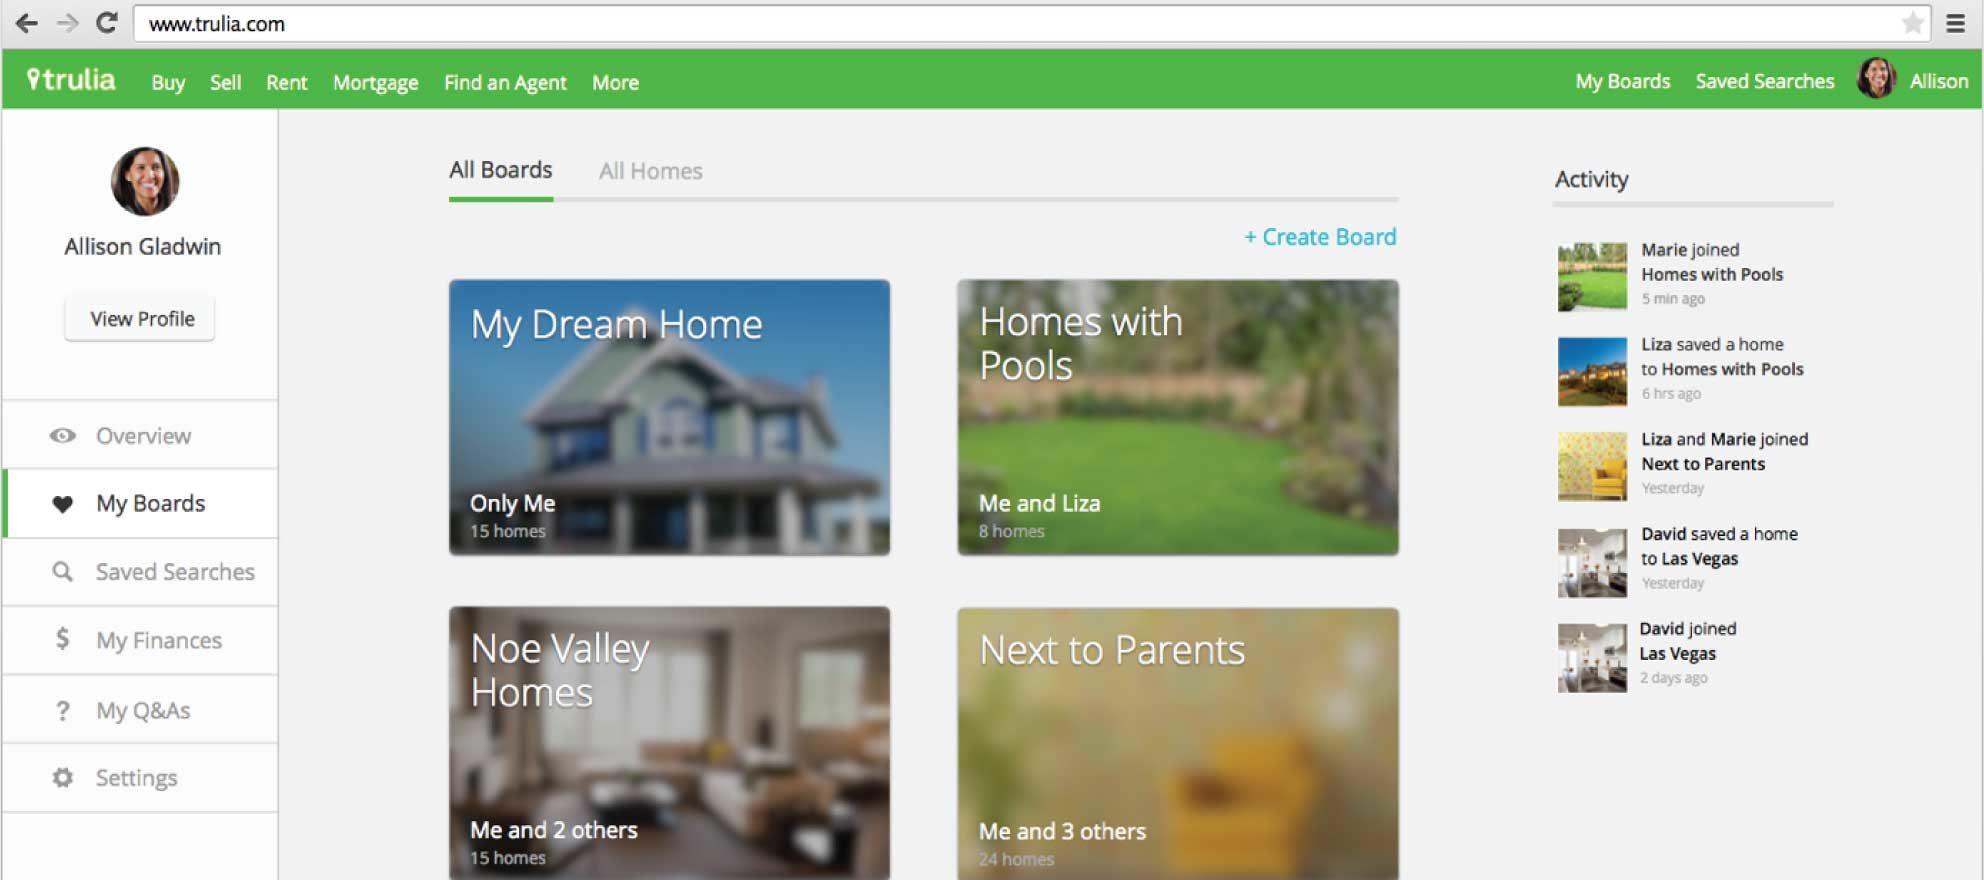 Trulia launches collaborative search feature